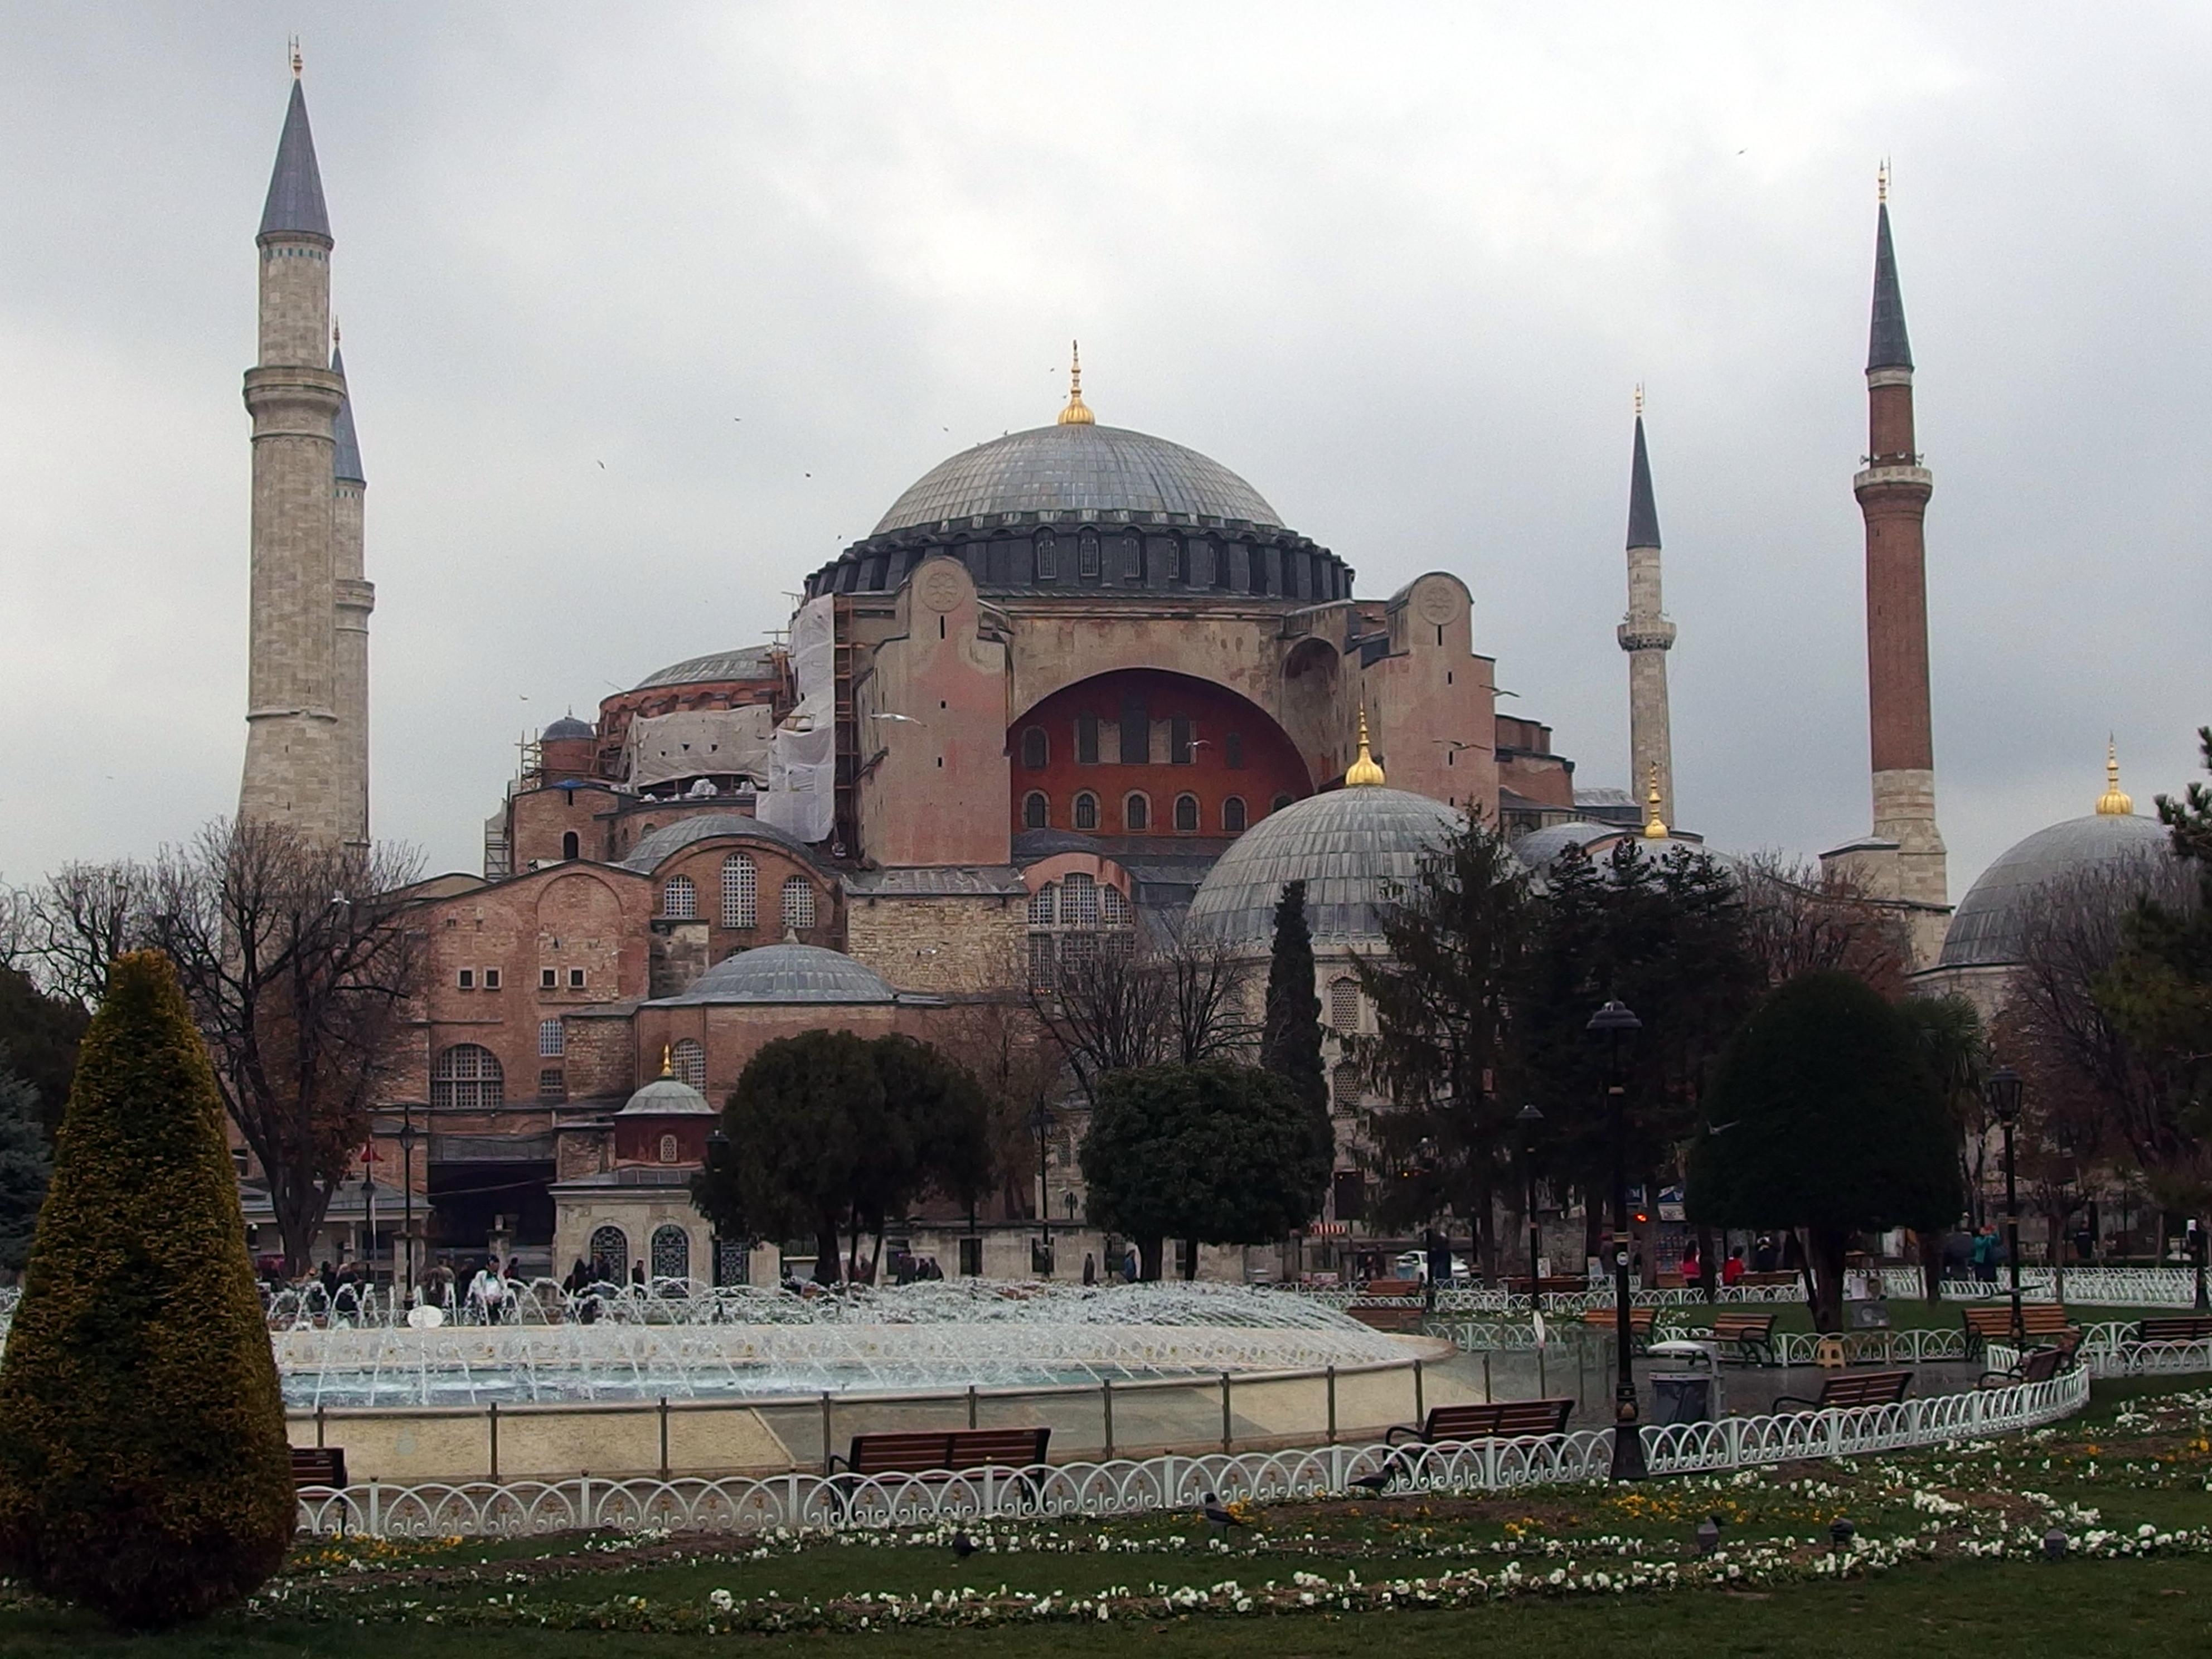 Agia Sophia: Departamentul de Stat al SUA ii cere Turciei sa pastreze semnificatia istorica a lacasului. Turcia raspunde furioasa.